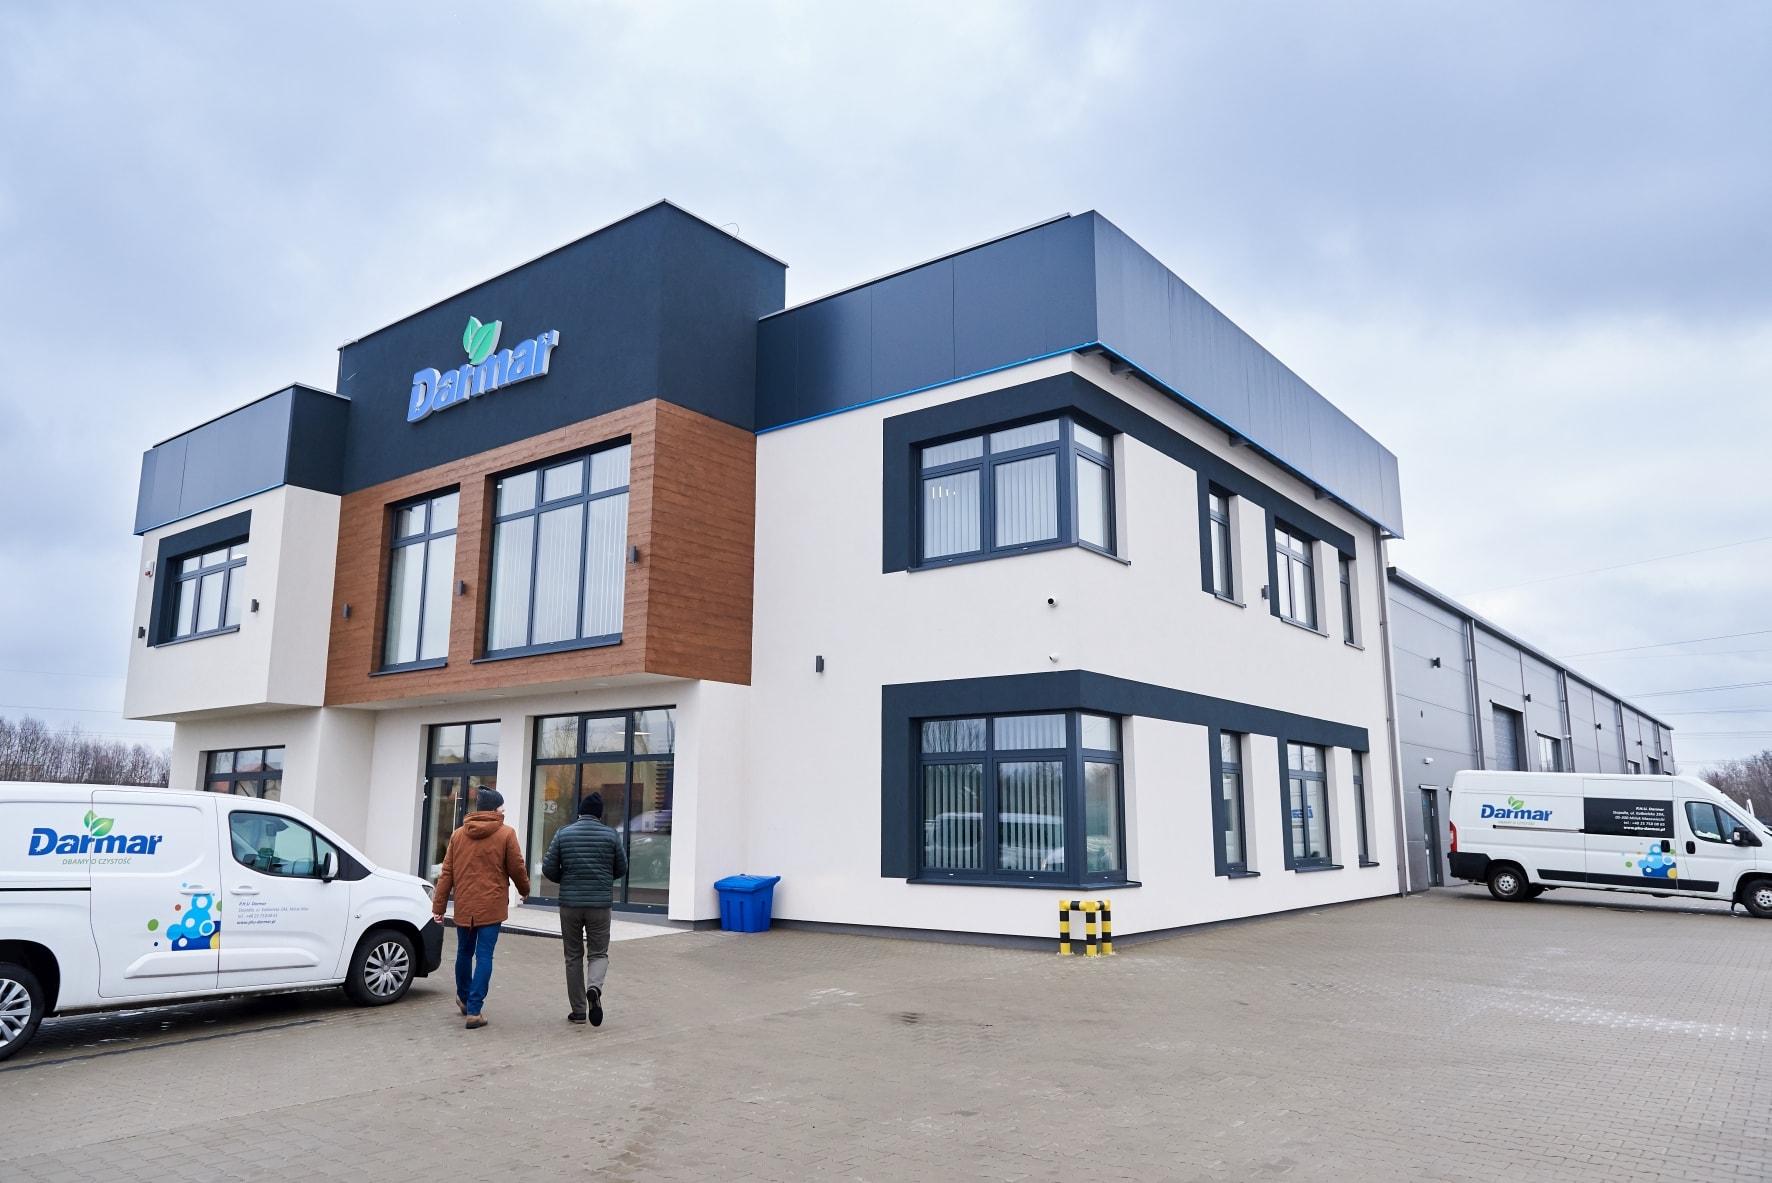 siedziba firmy darmar